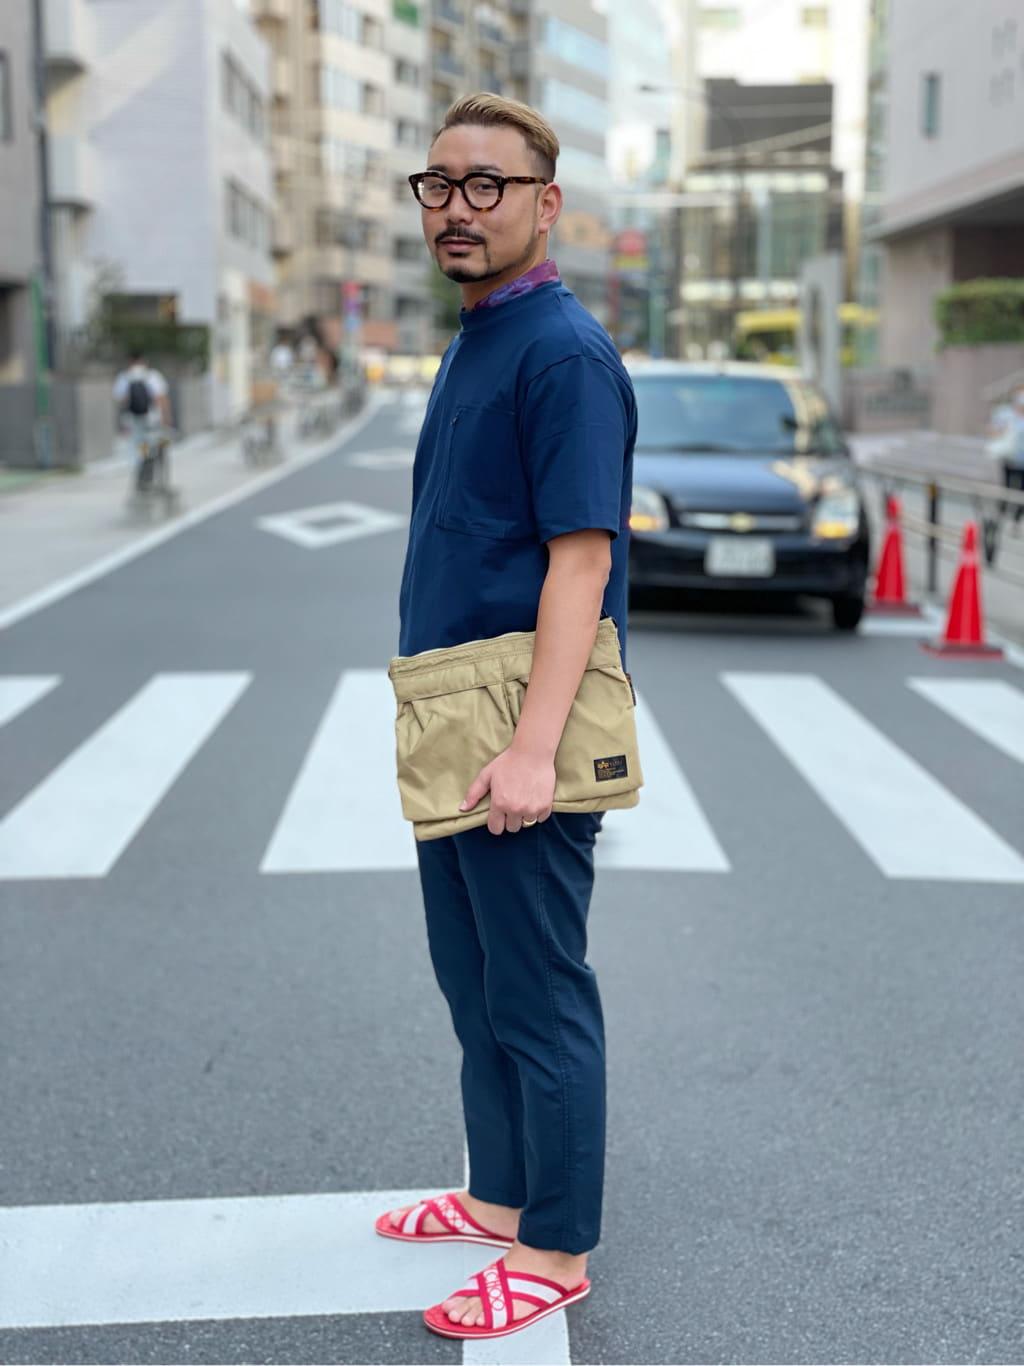 ALPHA SHOP渋谷店のKataoka.RさんのALPHAのサイドポケット 半袖Tシャツを使ったコーディネート